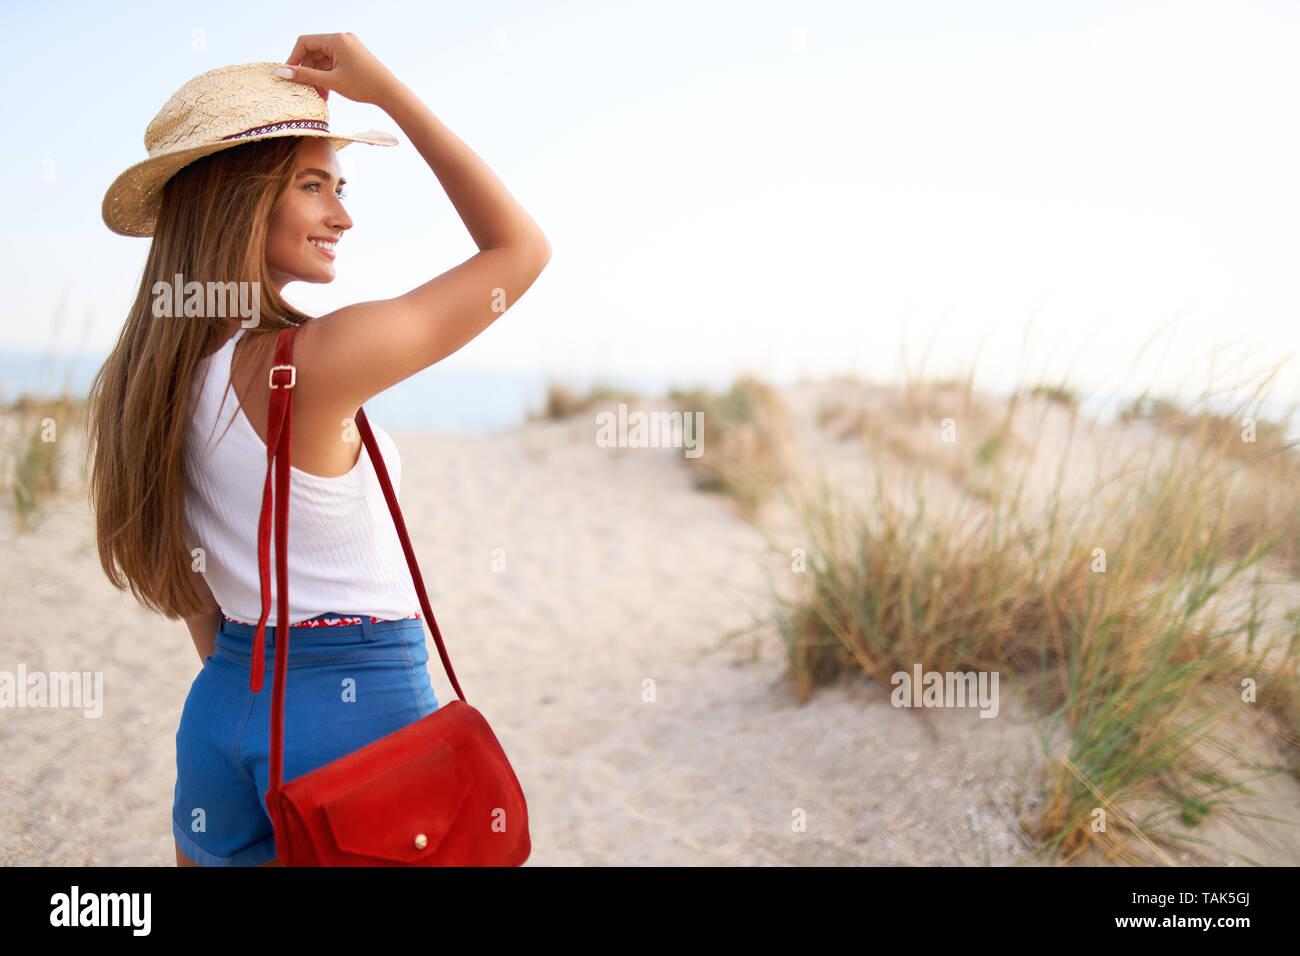 71012e185 Bolso De Moda Imágenes De Stock   Bolso De Moda Fotos De Stock - Alamy